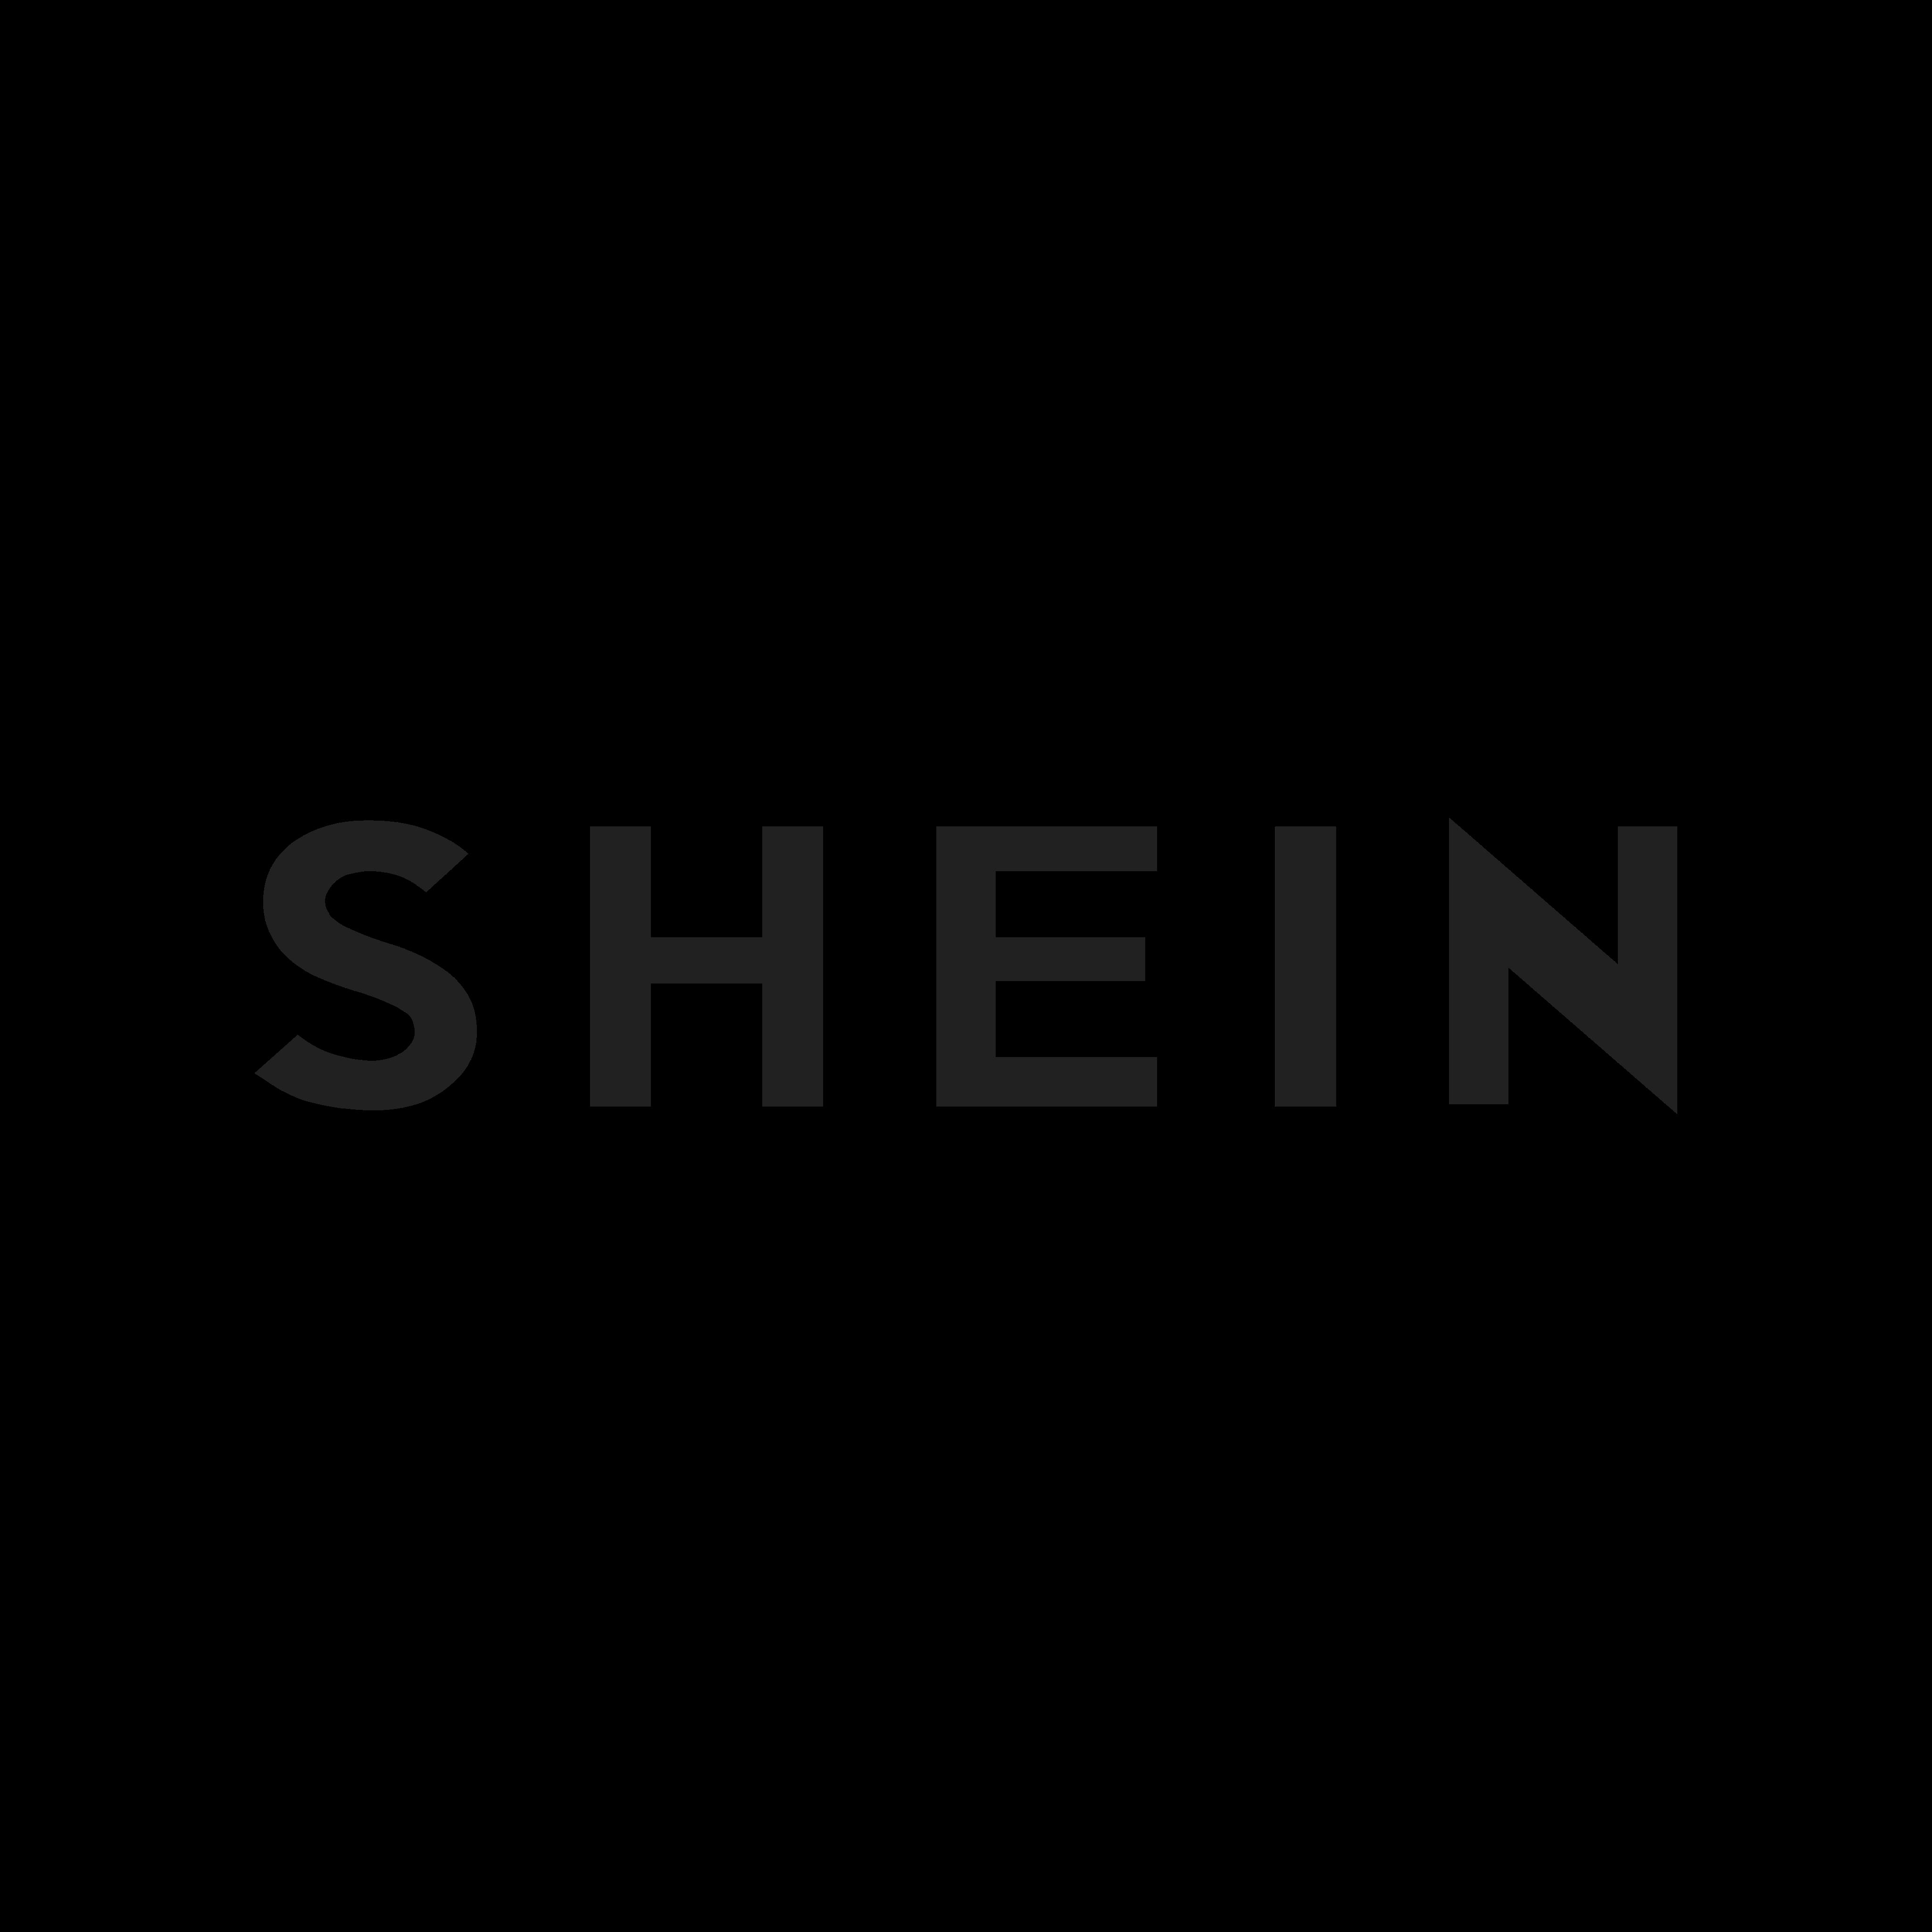 shein logo 0 - Shein Logo